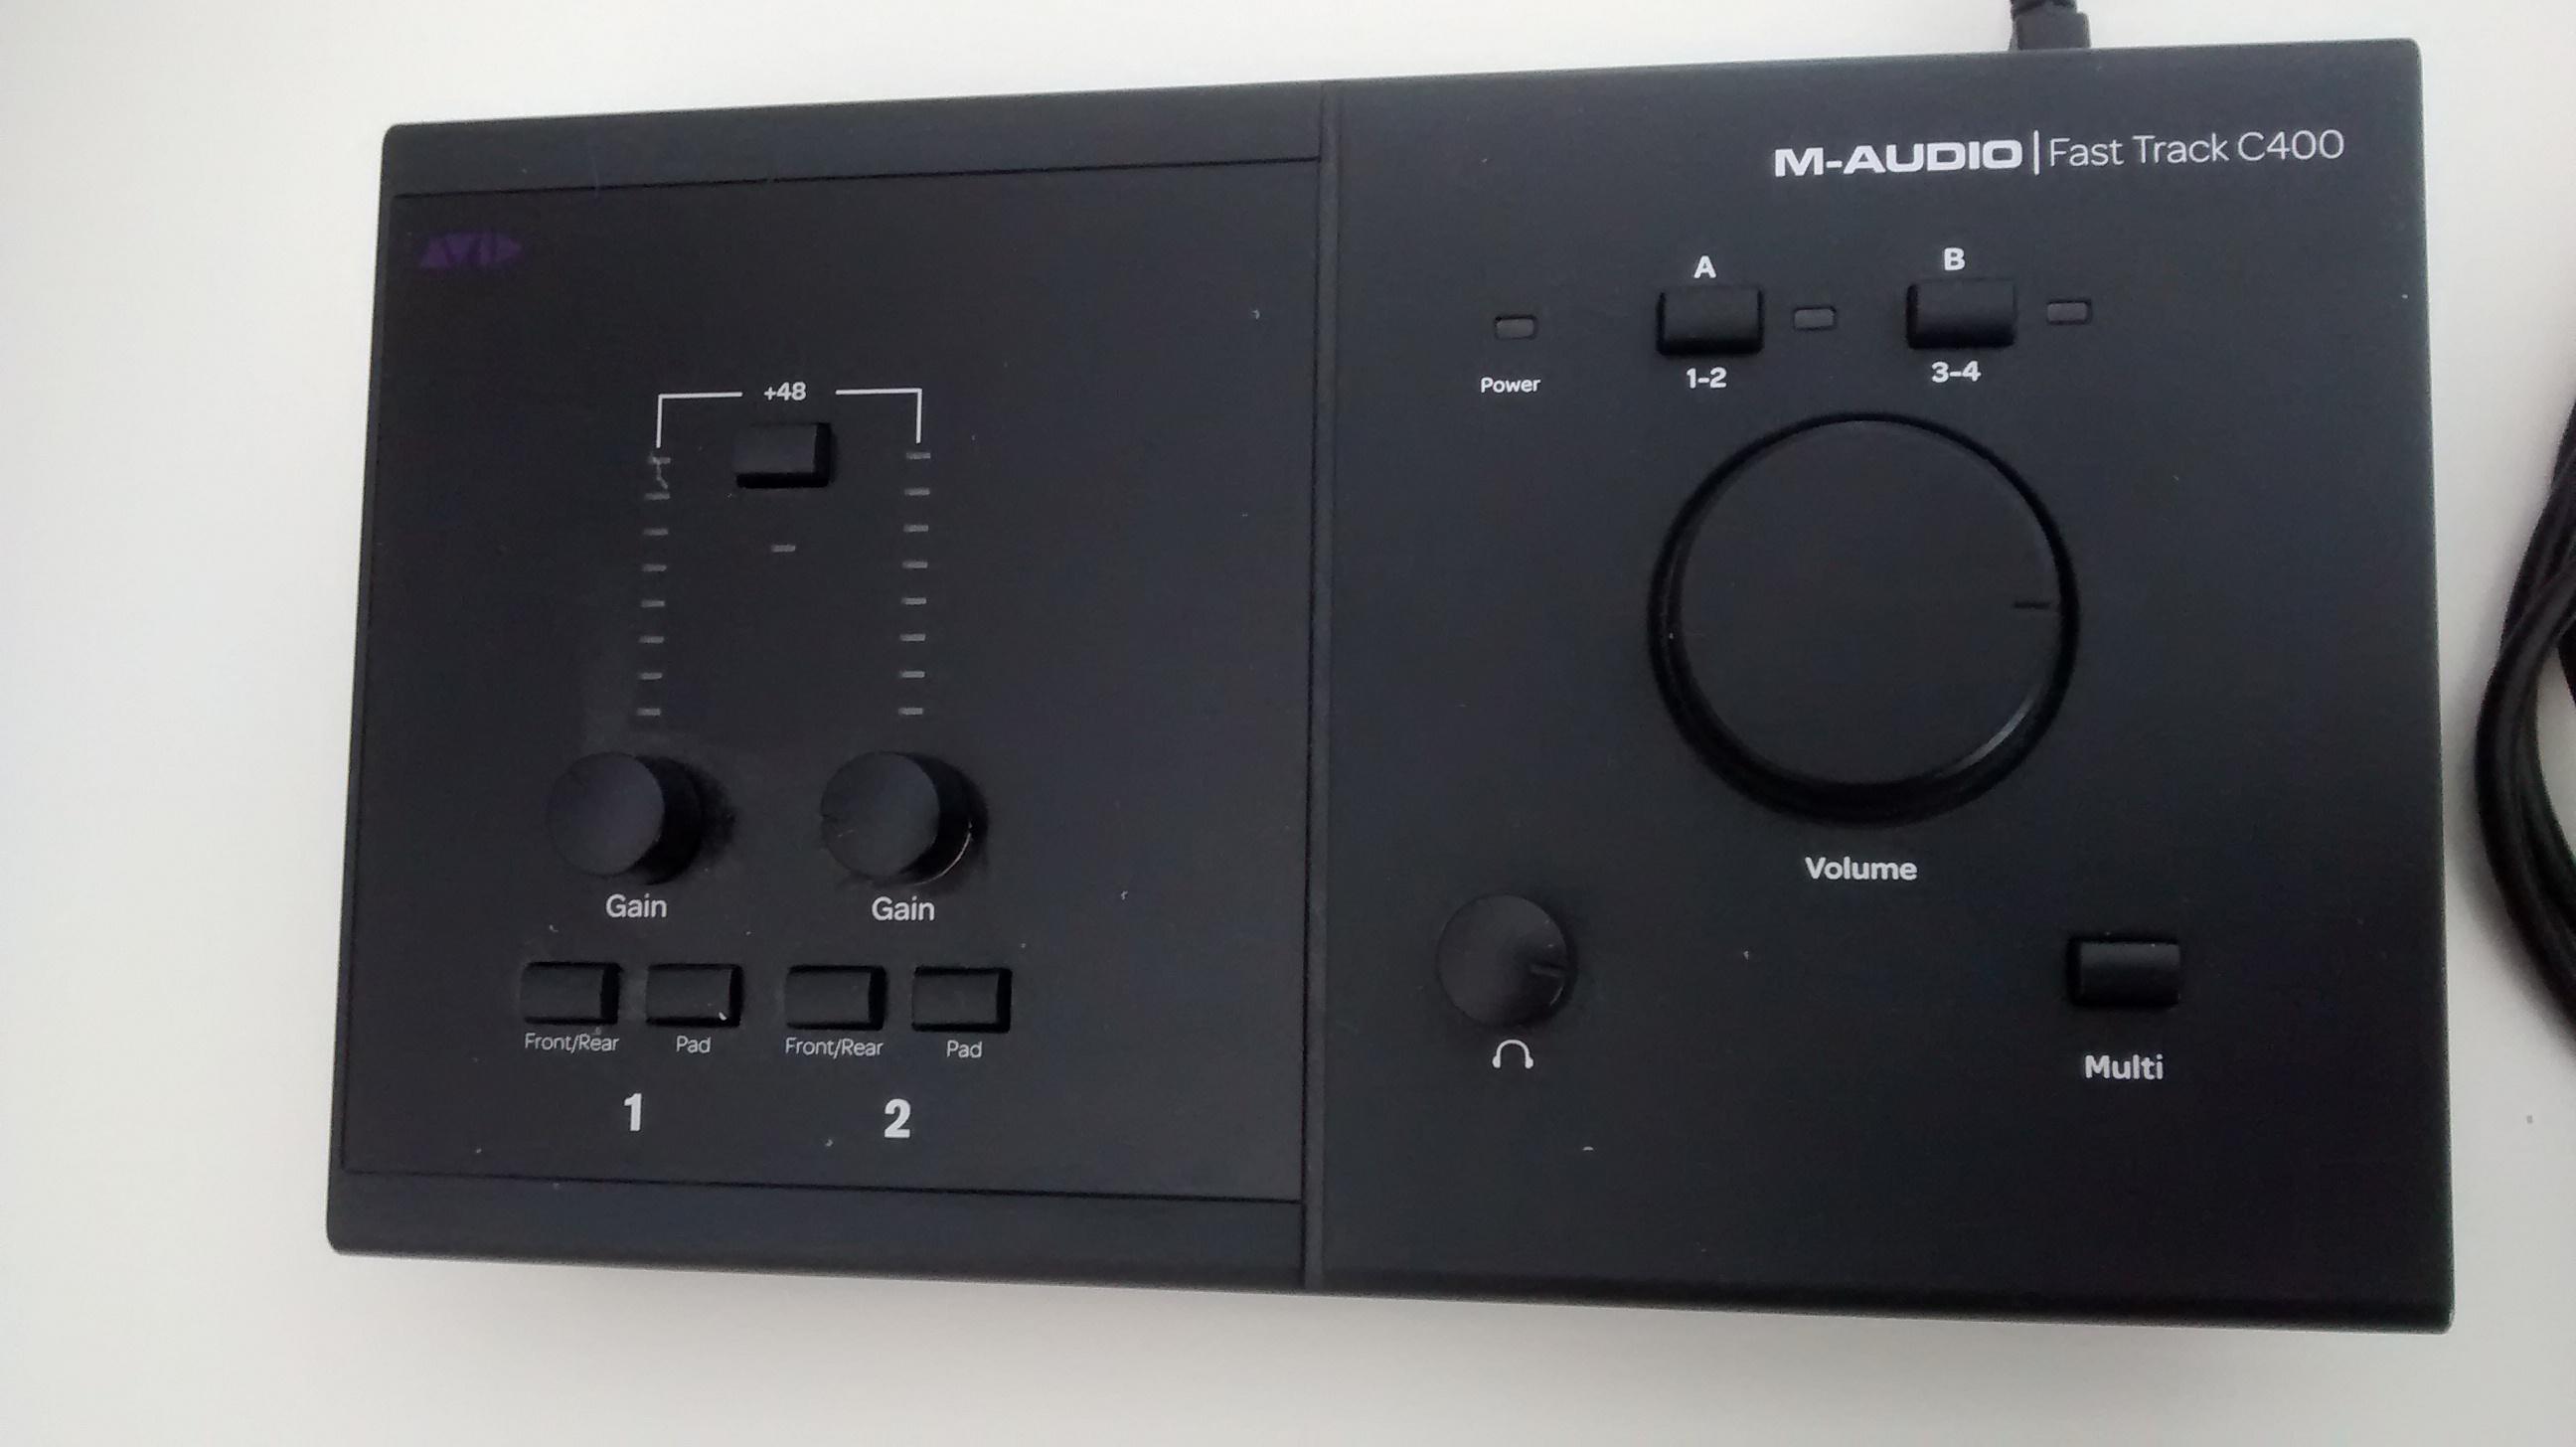 photo m audio fast track c400 m audio fast track c400 64580 928866 audiofanzine. Black Bedroom Furniture Sets. Home Design Ideas